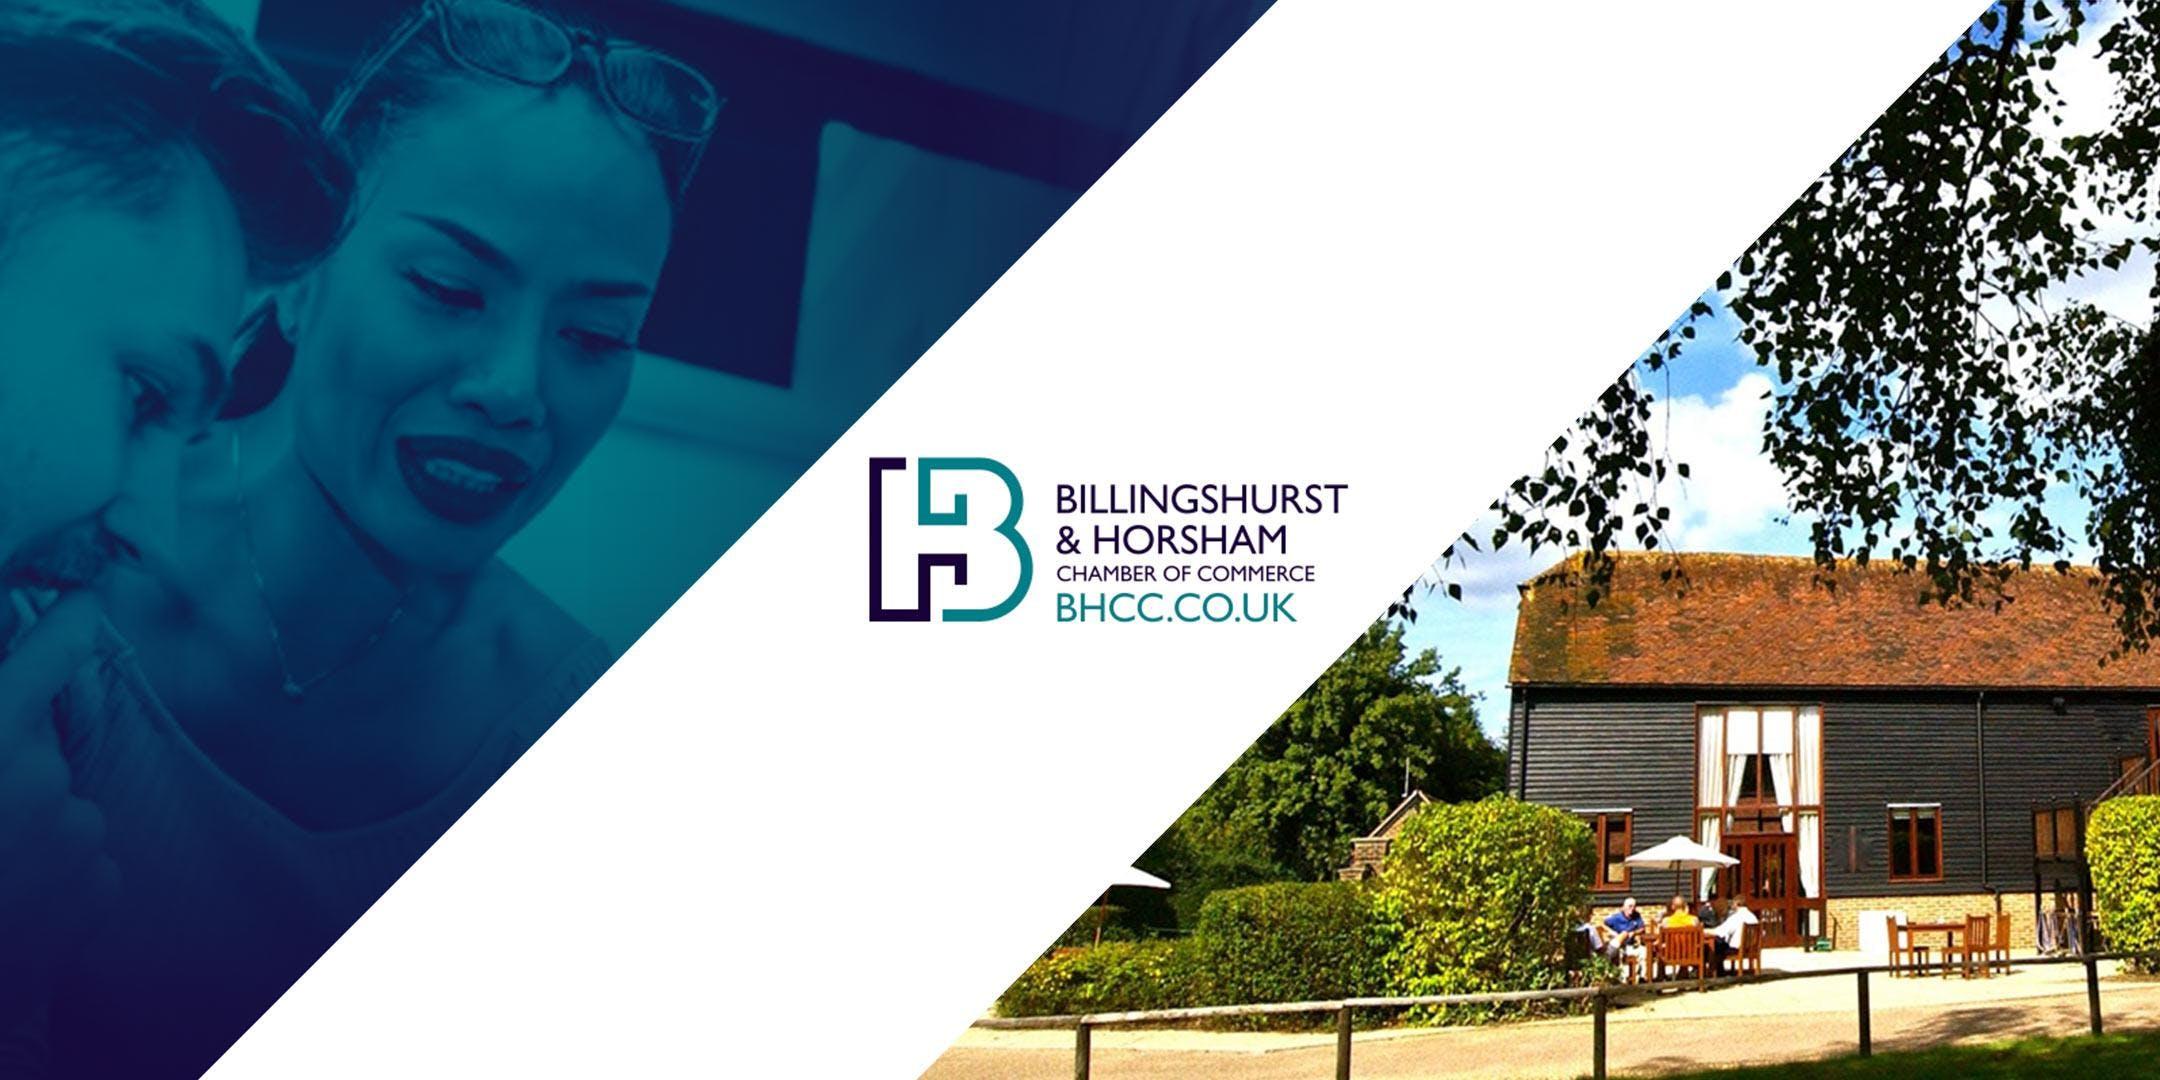 Billingshurst & Horsham Chamber of Commerce N